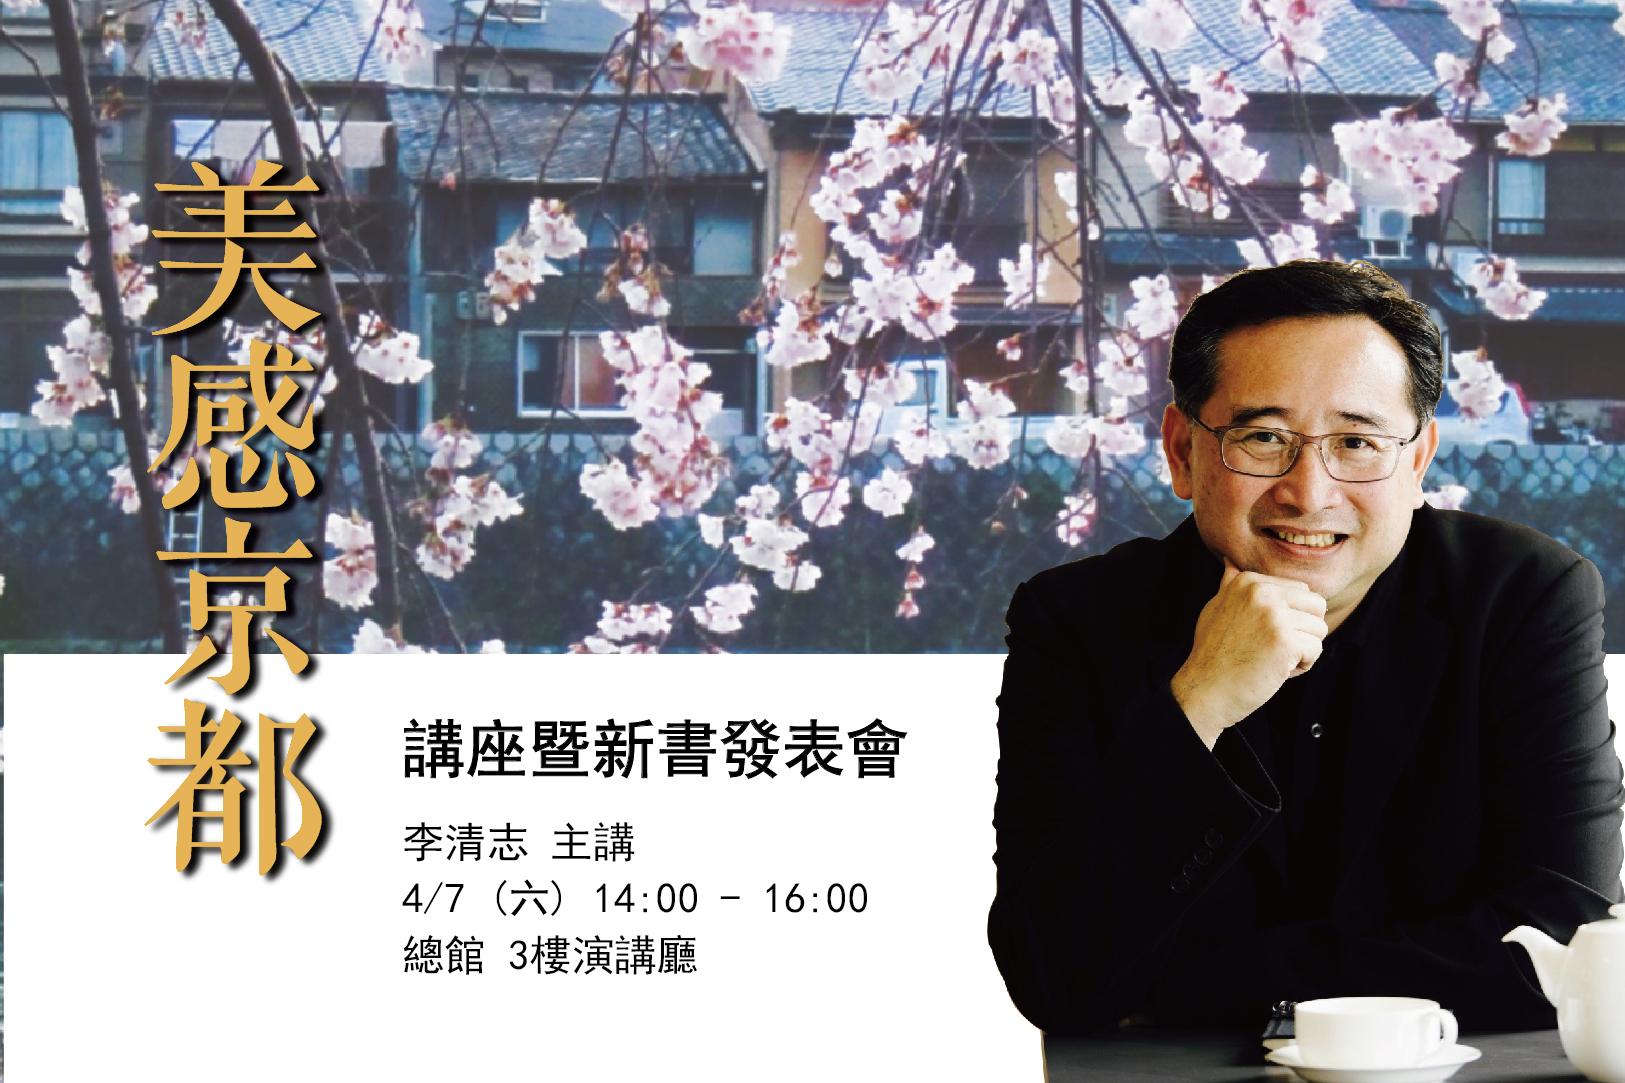 【總館】新北講堂:4月7日李清志老師「美感京都」講座,誠摯邀請您到場聆聽。